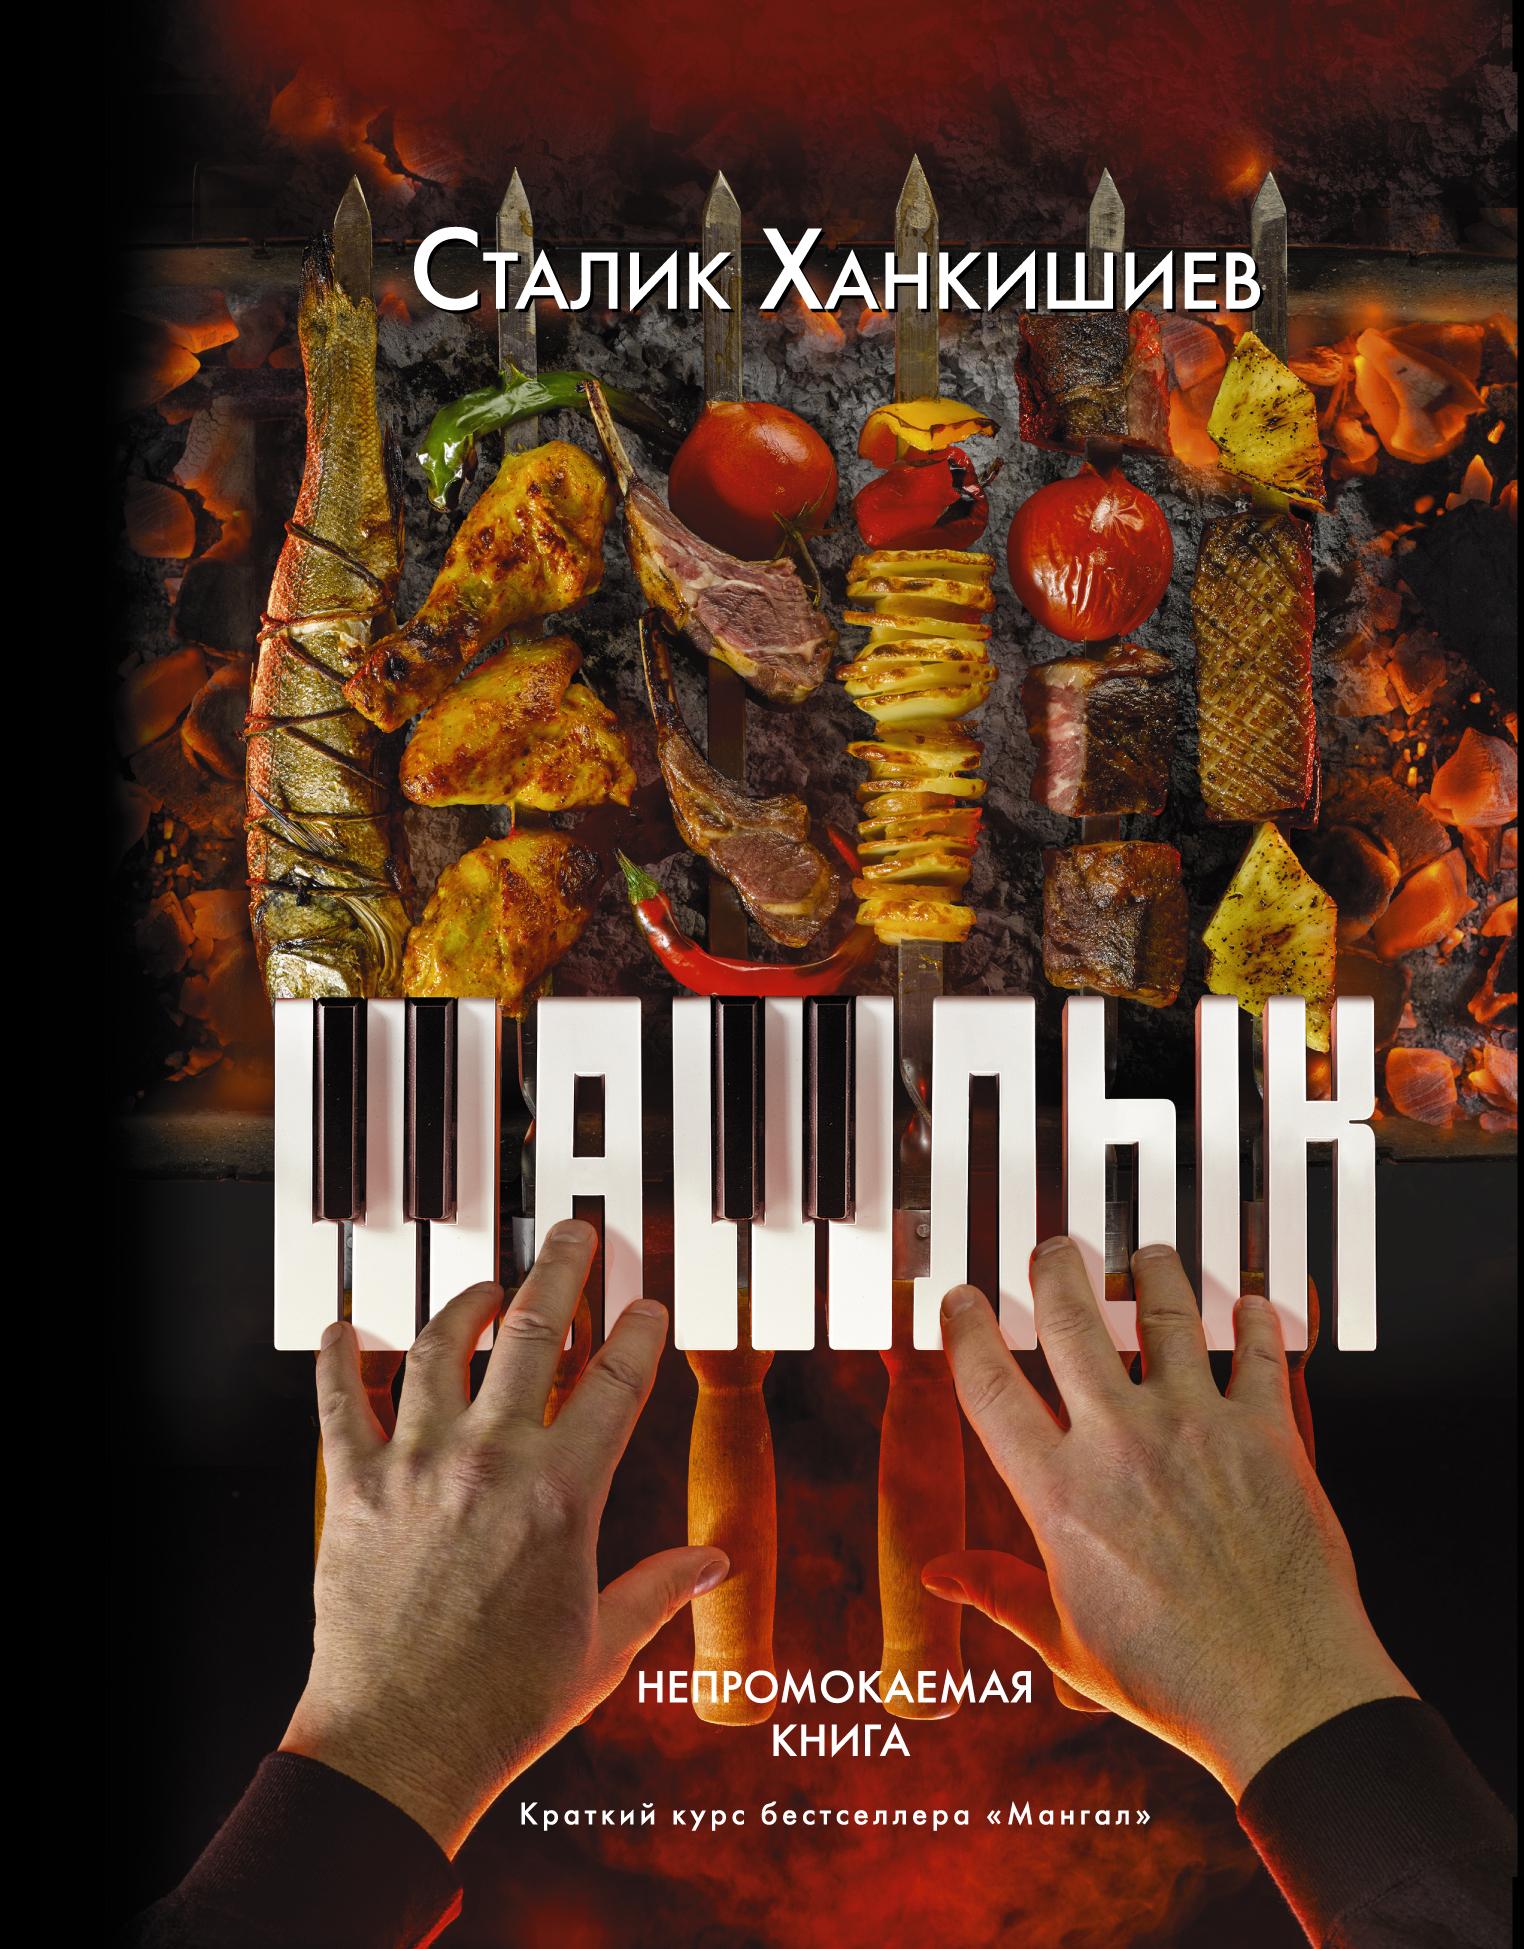 Ханкишиев С. PRO шашлык. Непромокаемая книга ханкишиев с мангал